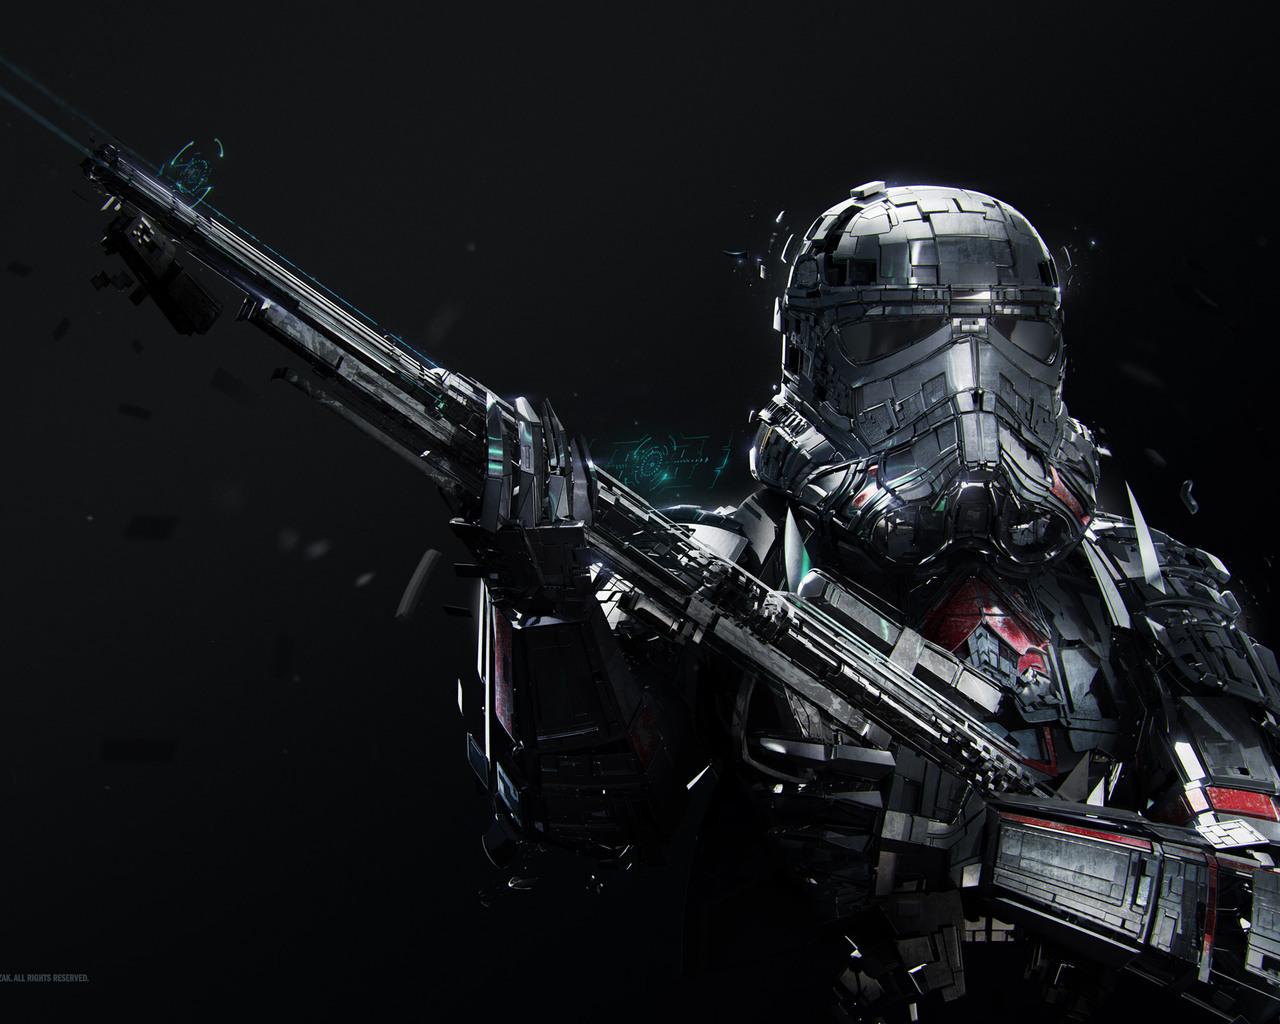 1280x1024 Star Wars Stormtrooper 1280x1024 Resolution Hd 4k